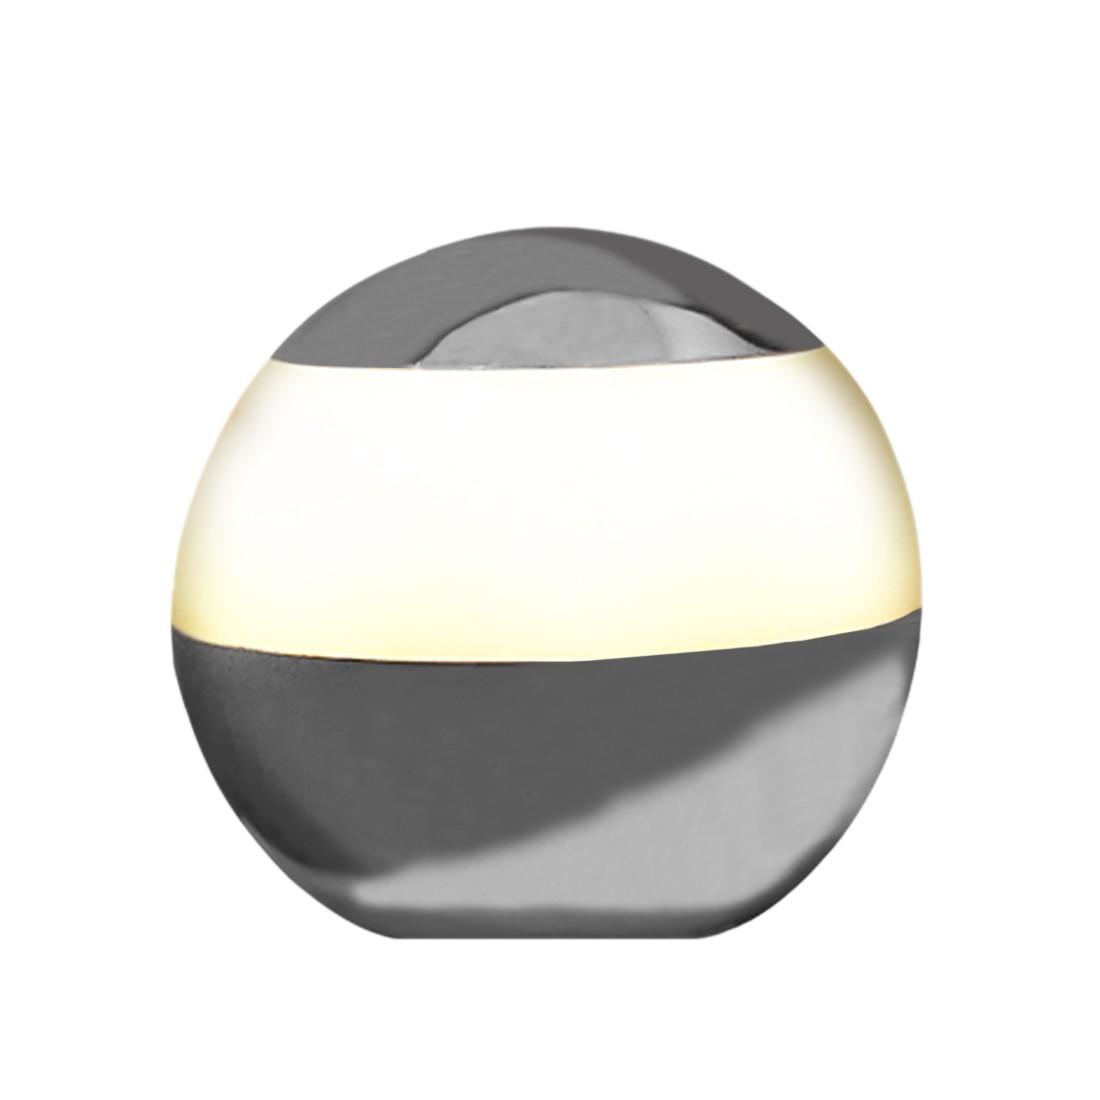 Home 24 - Eek a+, lampe boule globe - light chrome, nicol wohnausstattungen